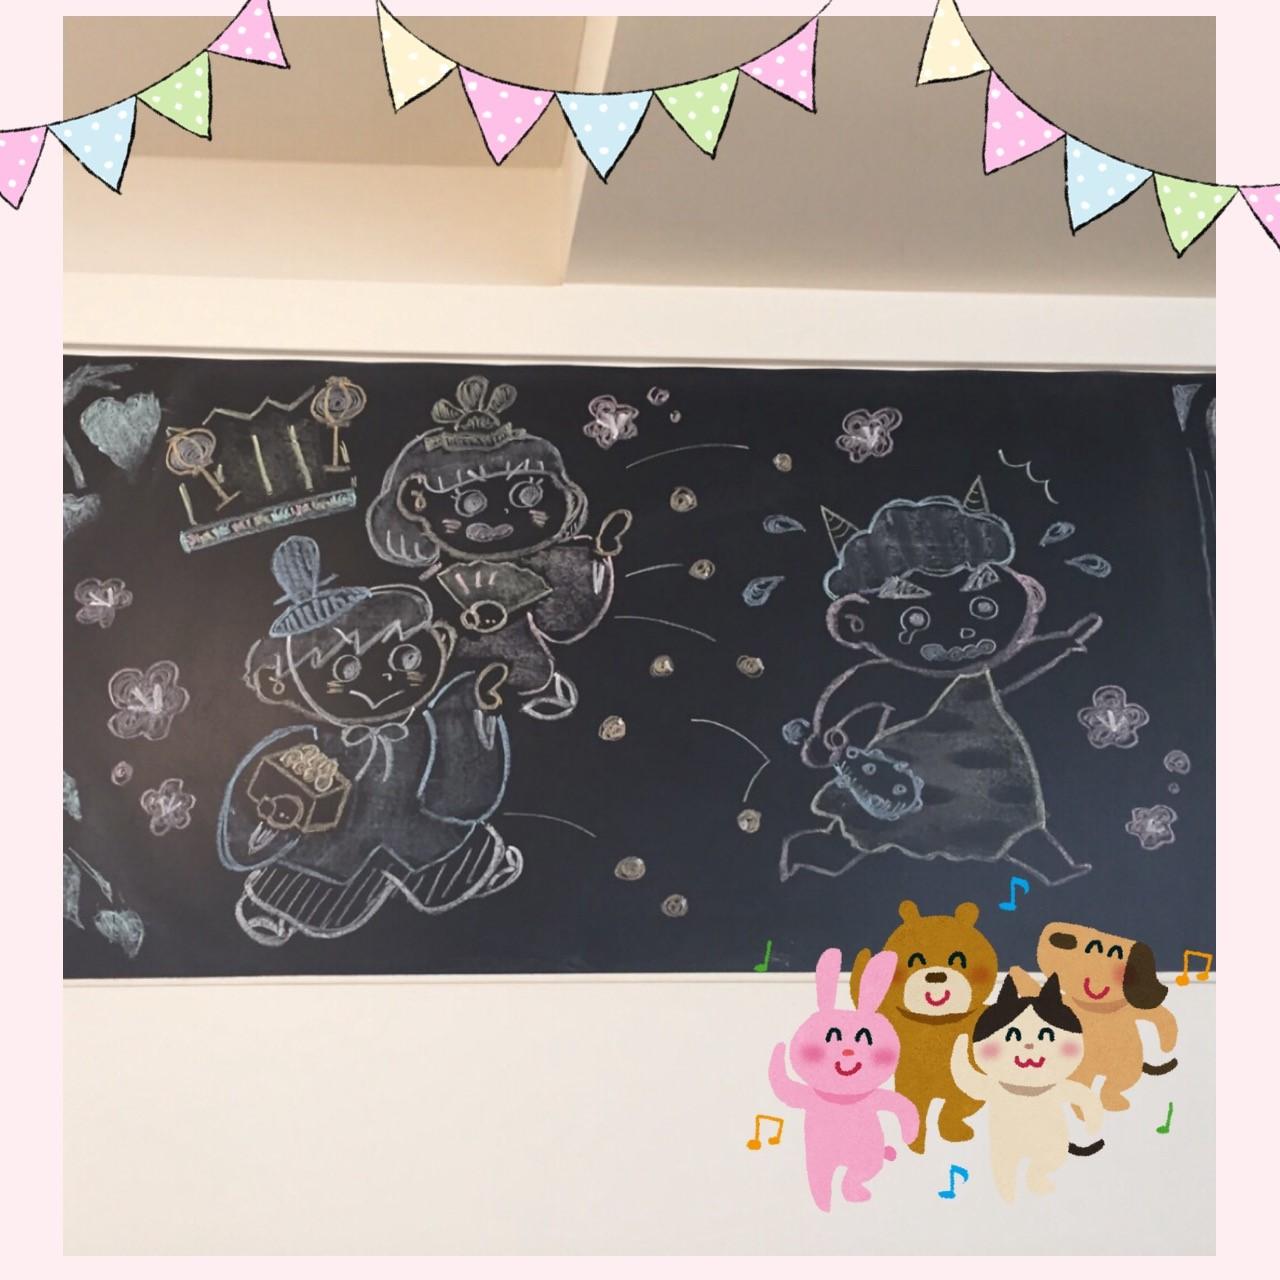 2017ヒナ鬼黒板